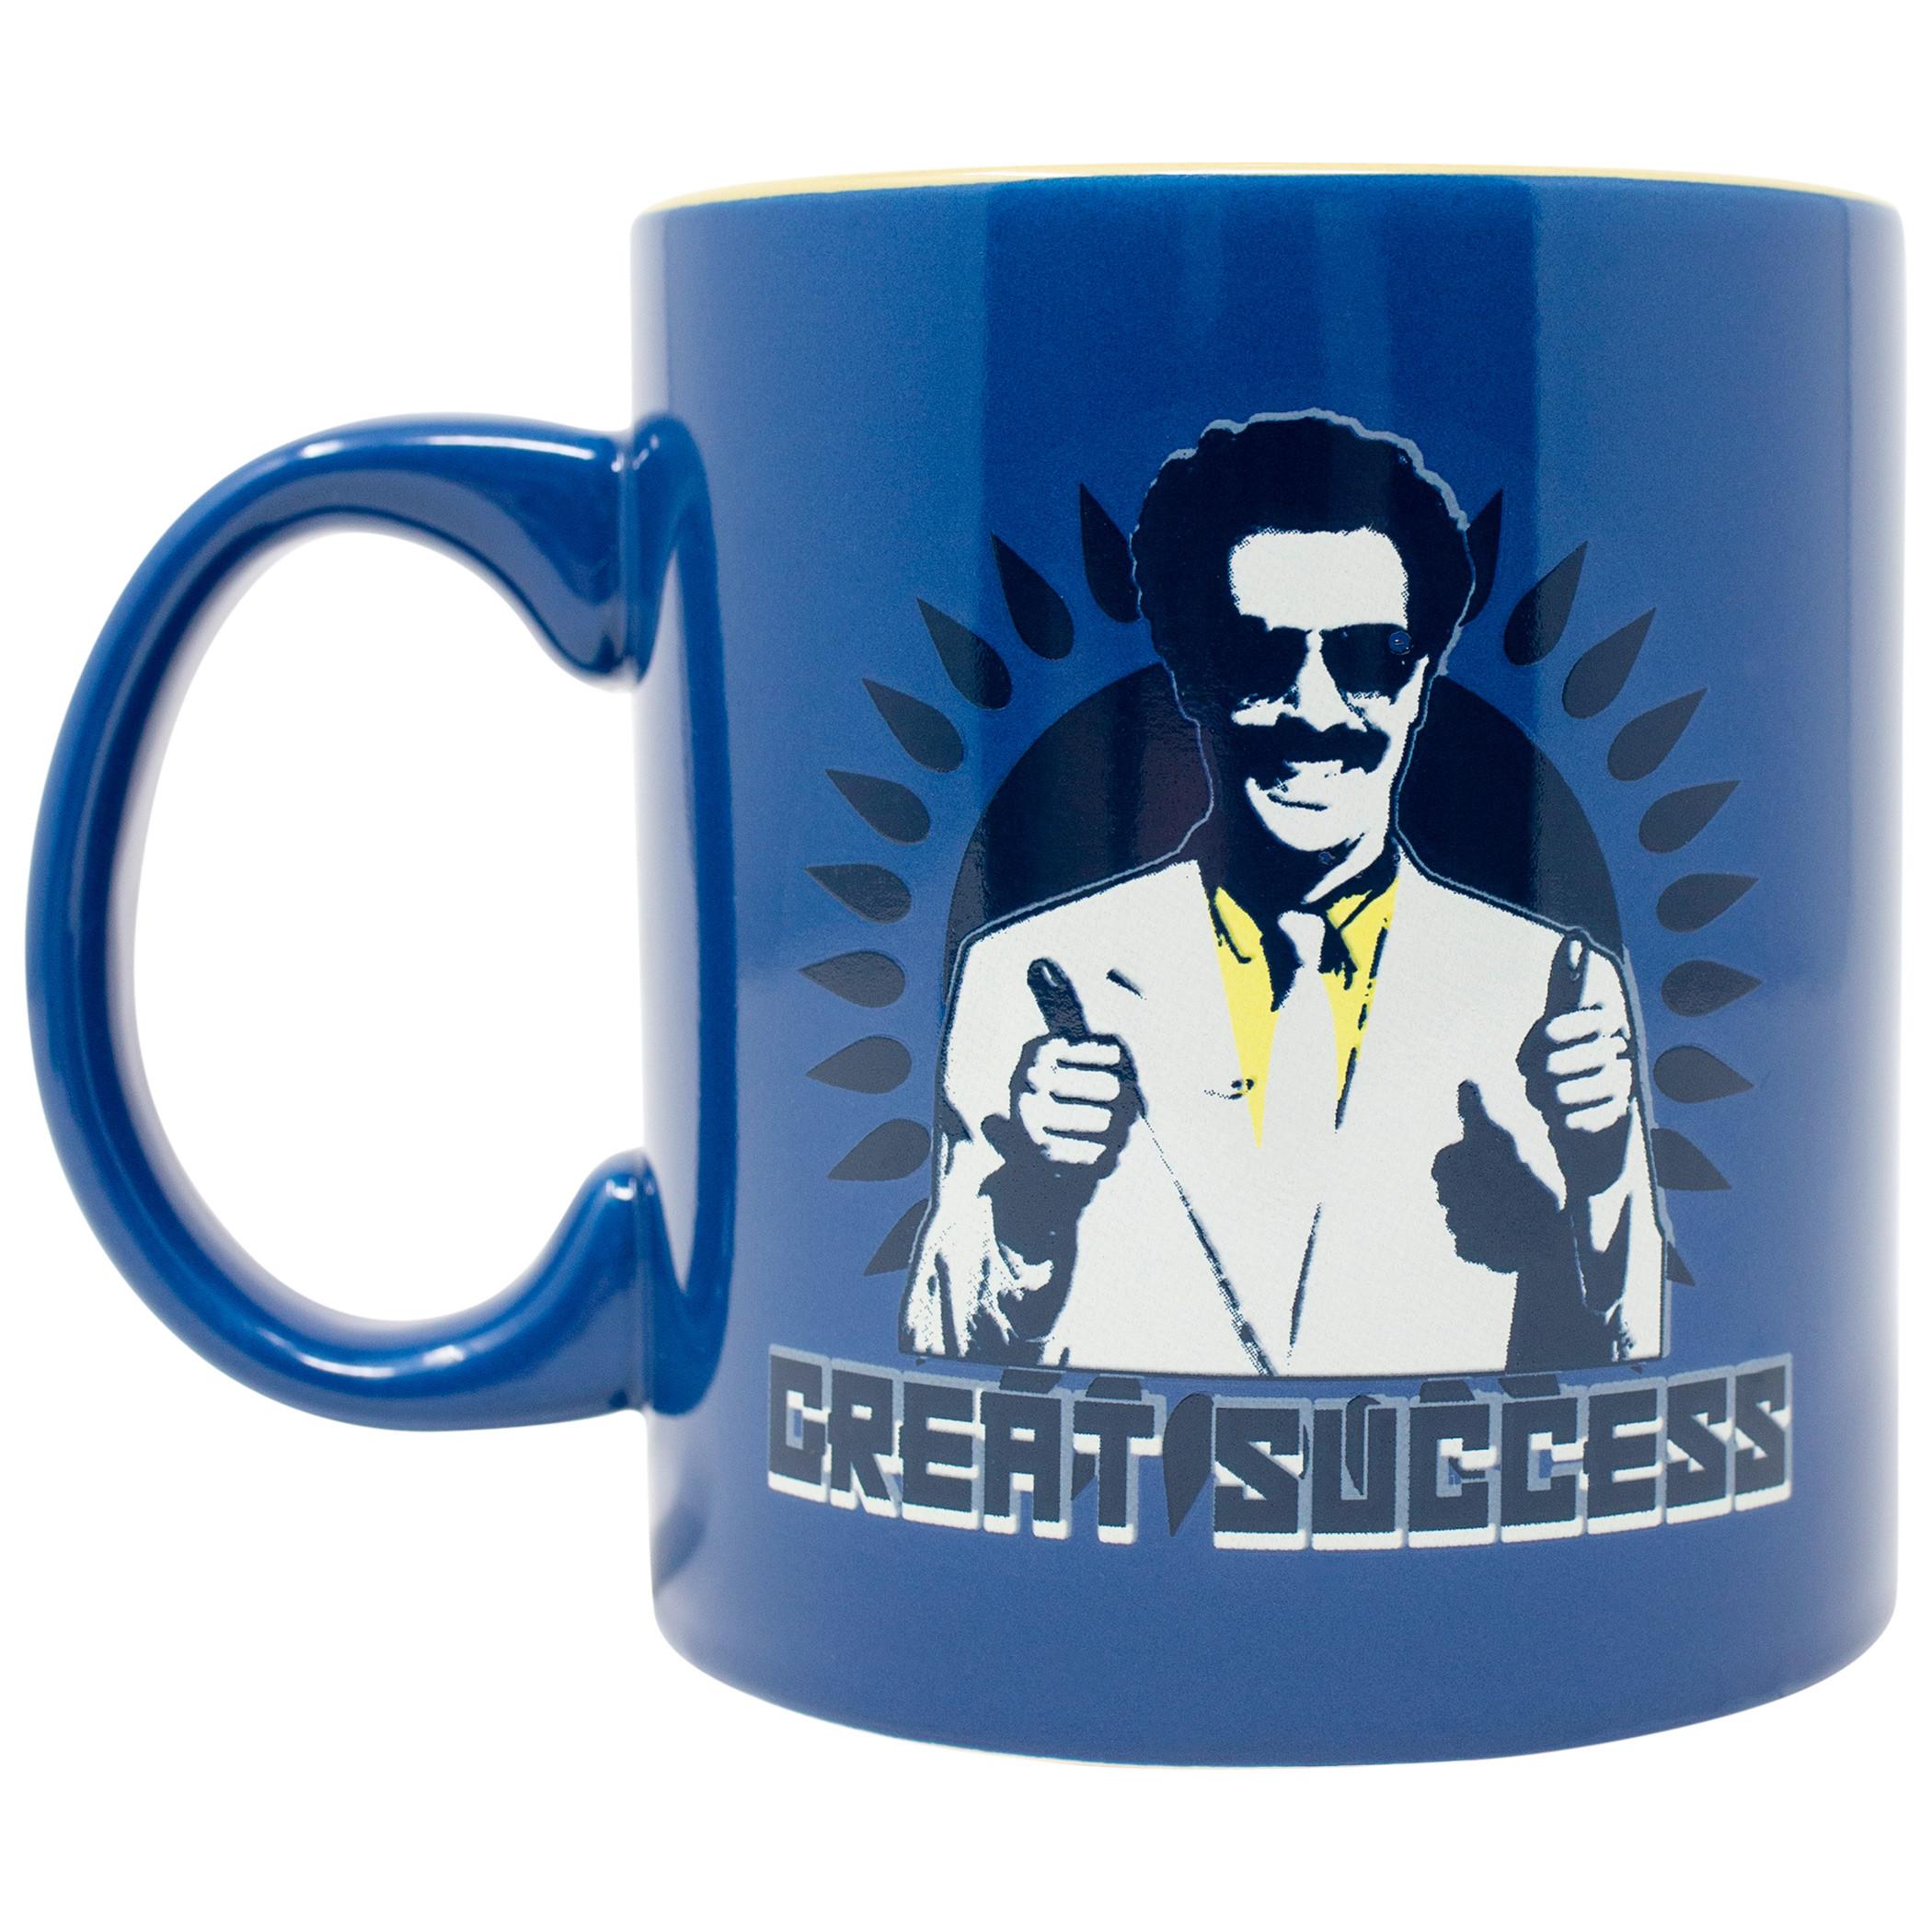 Borat 20 Ounce Ceramic Great Success Blue Mug